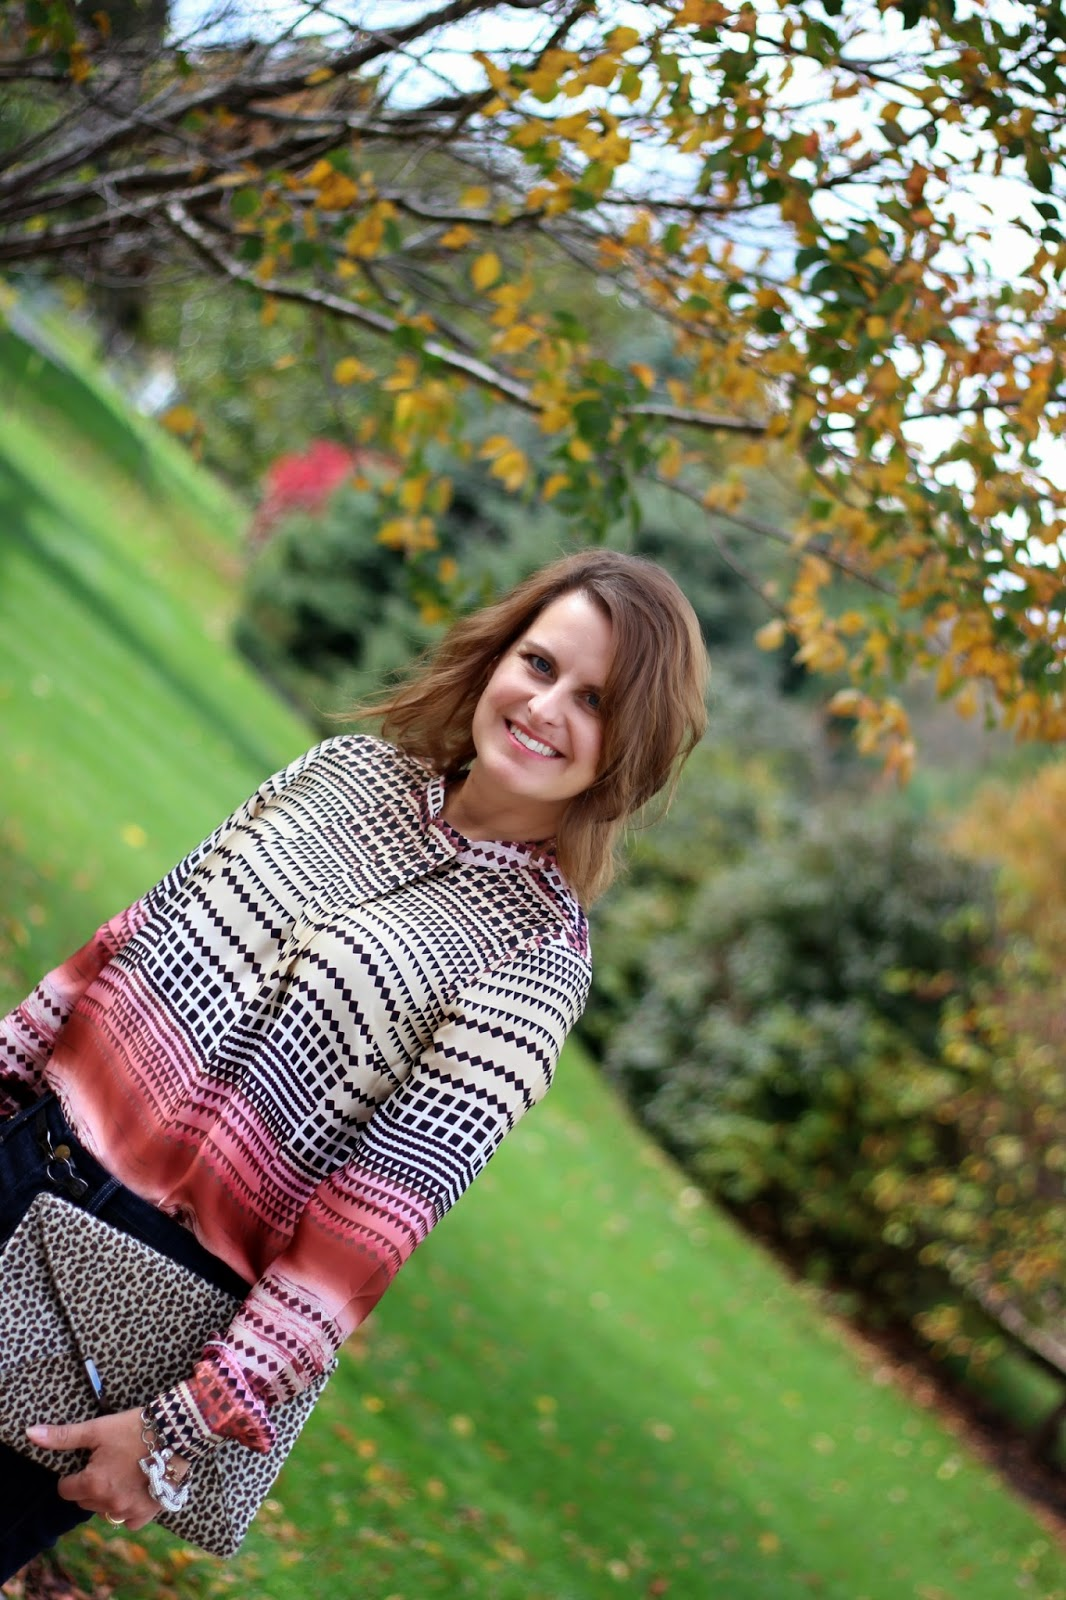 Ladylike blouse, Joe's Jeans, Leopard Clutch, Fall look